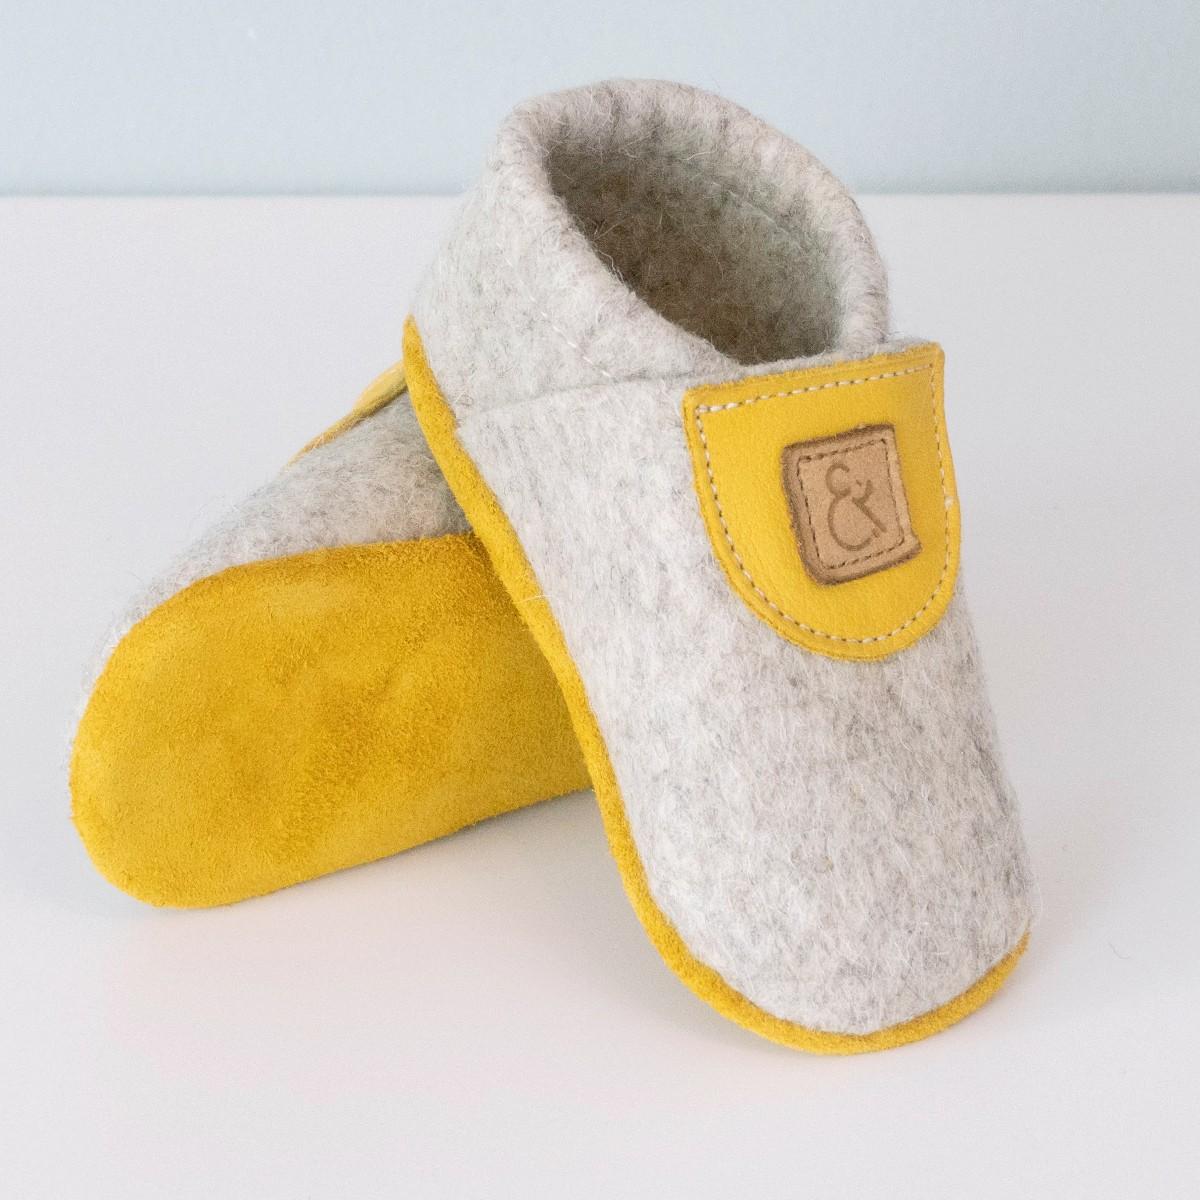 MEIN EIN & ALLES Babyschuhe / Krabbelschuhe / Hausschuhe aus Merino-Wollfilz und Bio-Leder in Gelb